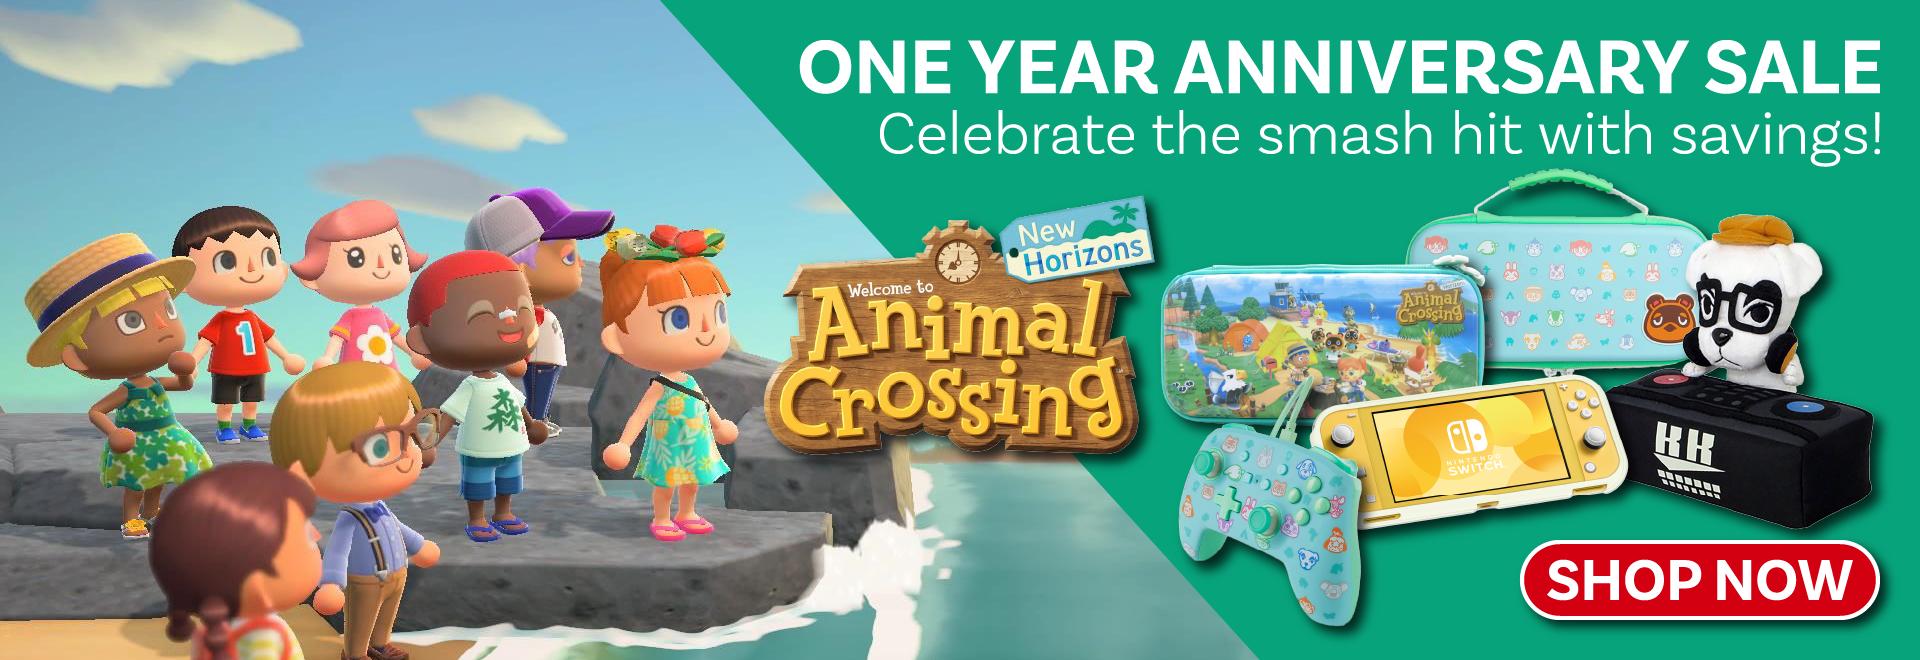 Animal Crossing New Horizons - One Year Anniversary Sale!